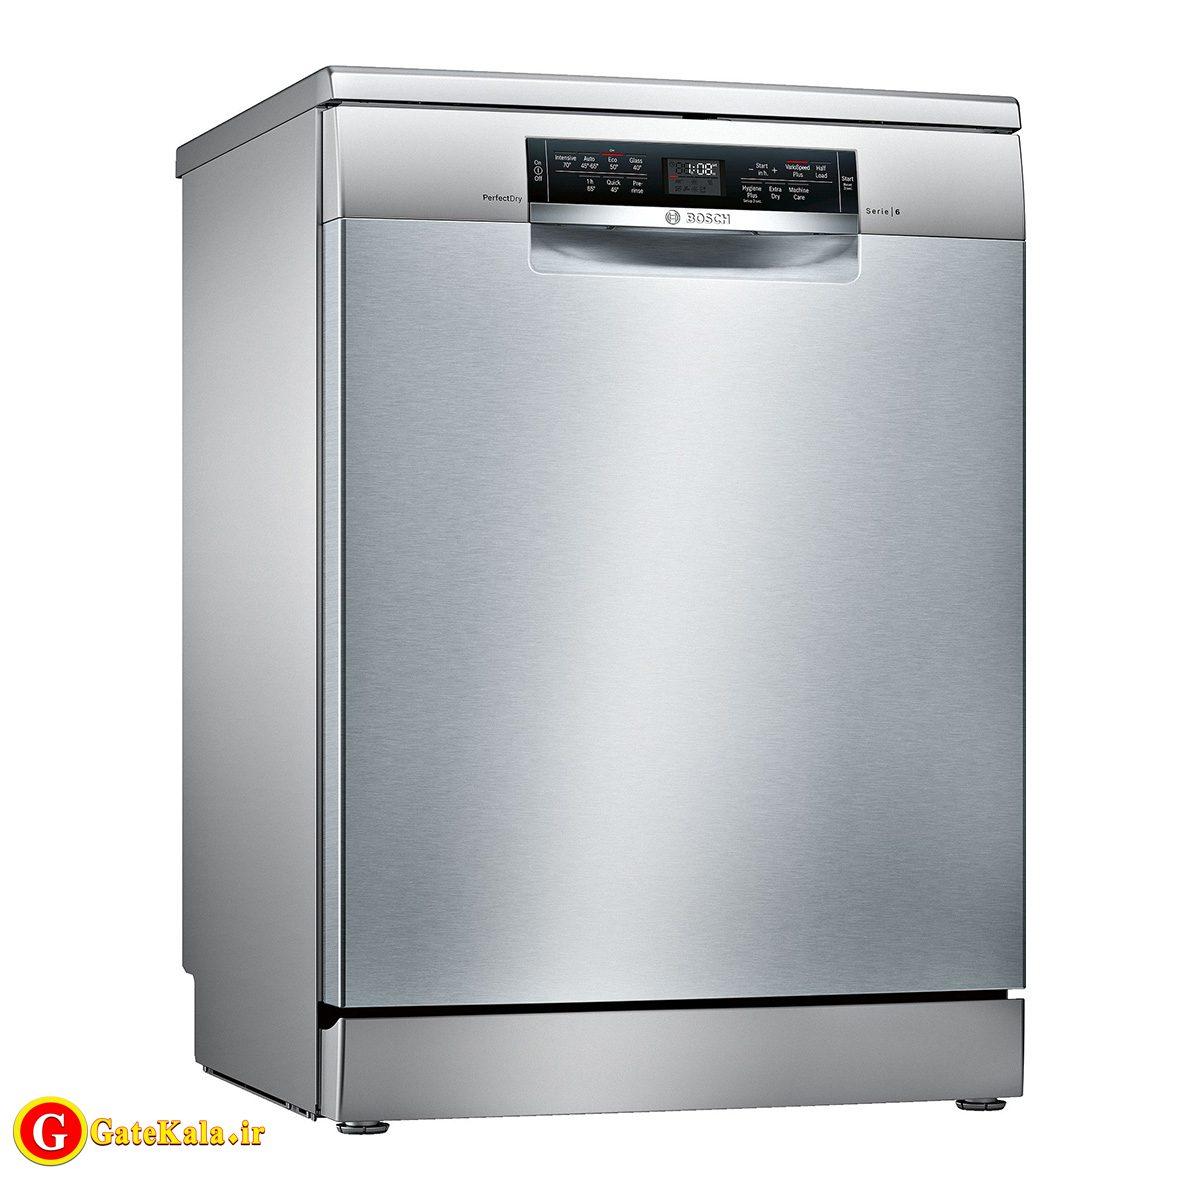 ماشین ظرفشویی بوش SMS88TI02